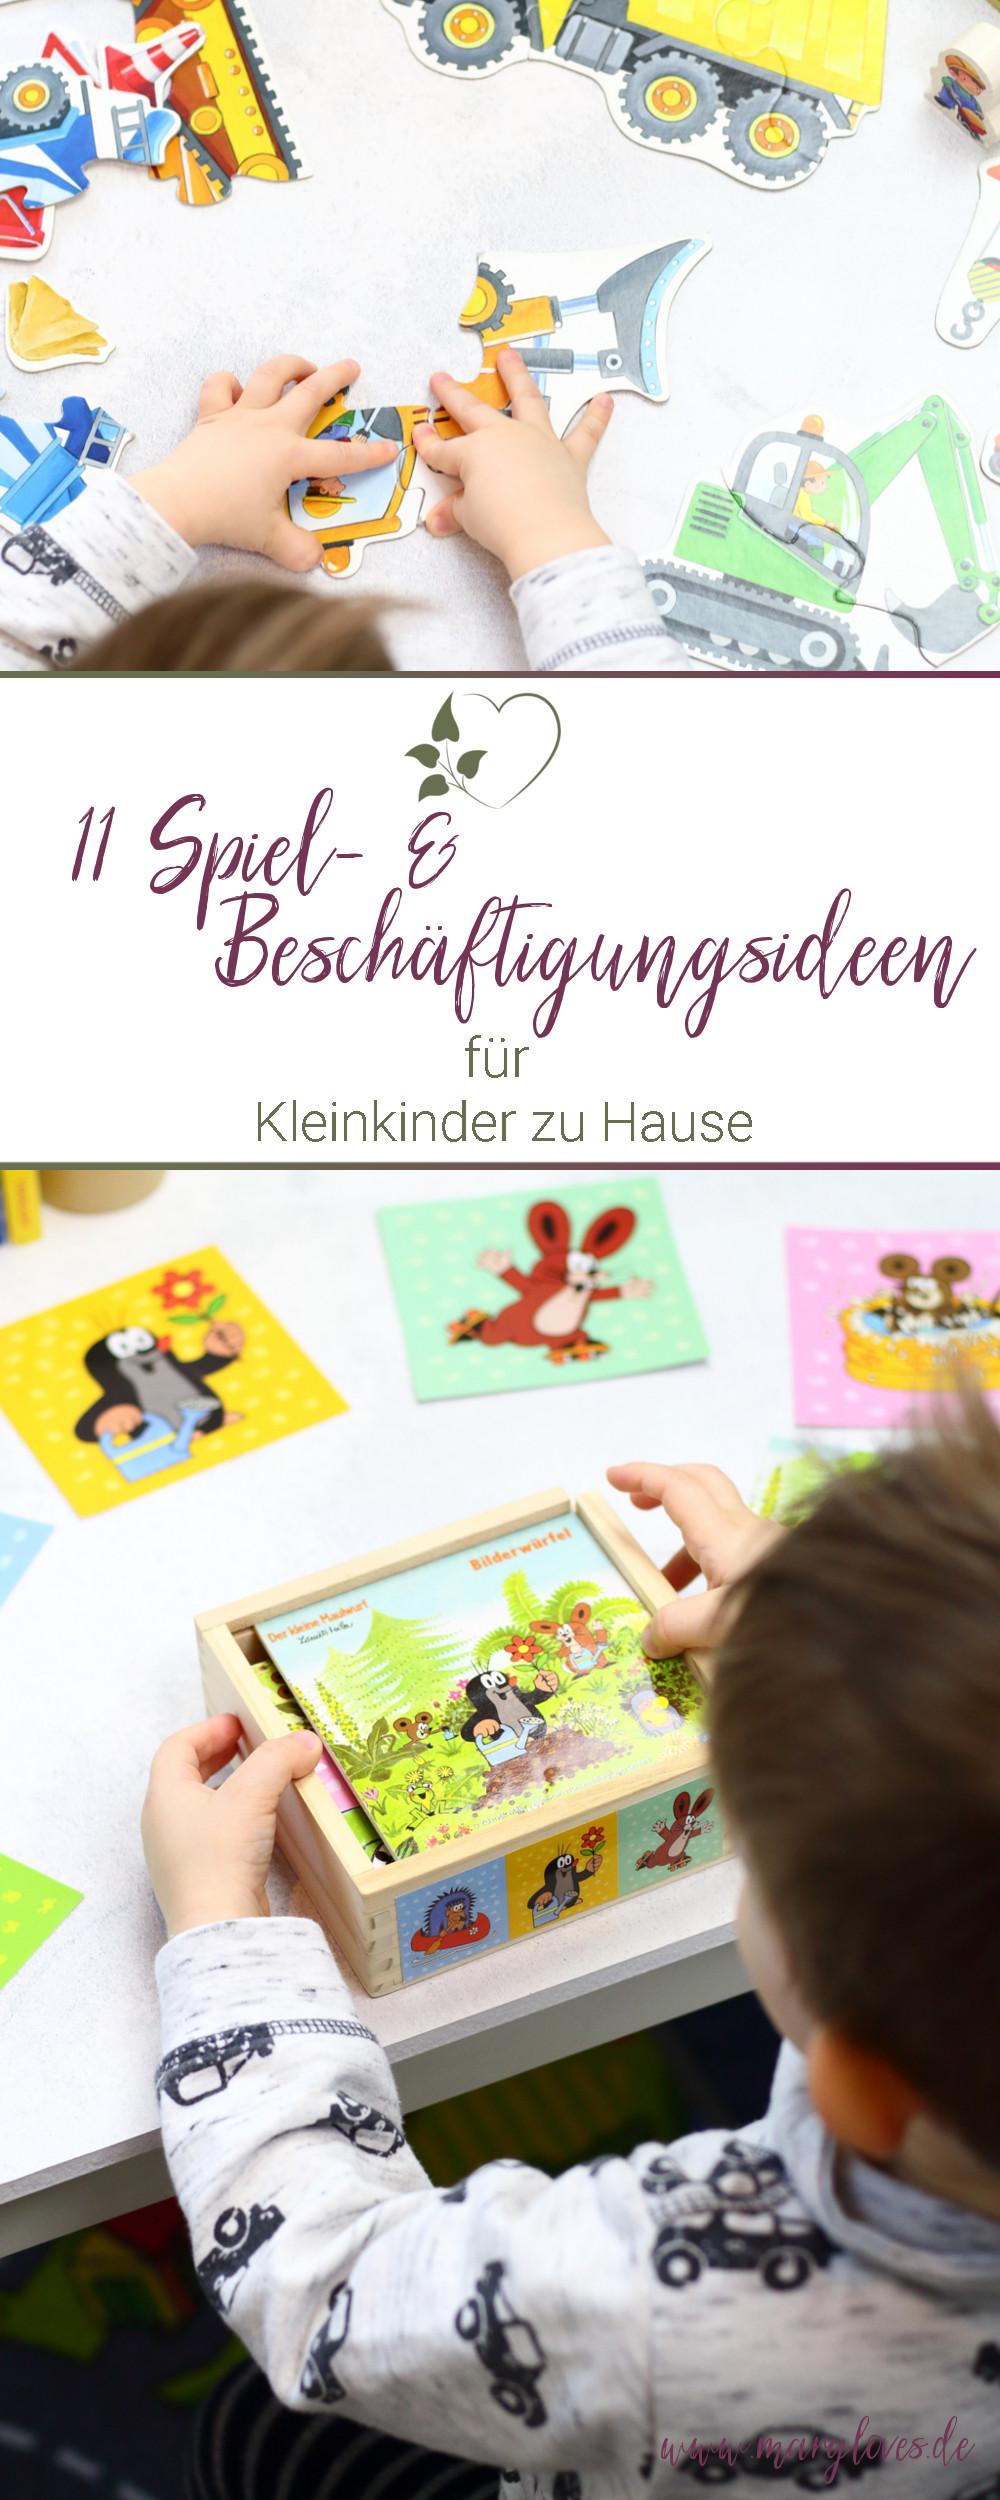 11 Spiel- & Beschäftigungsideen für Kleinkinder zu Hause - #spielidee #kleinkind #kitakind #beschäftigungsideen #spielefürkleinkinder #schlechtwetterideen #spieleab2jahren